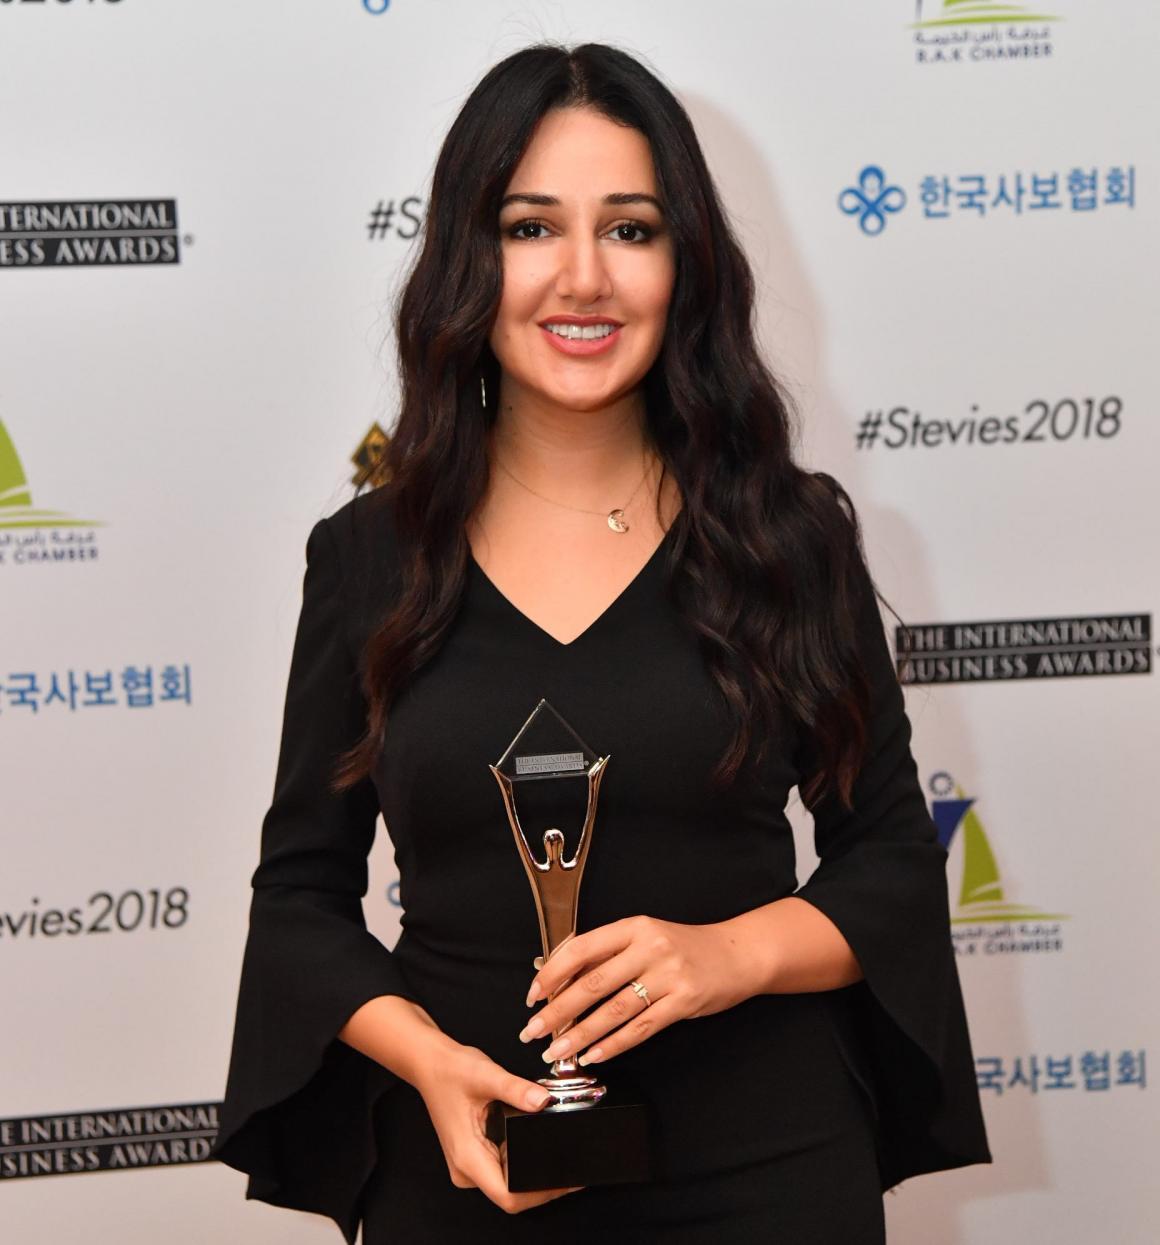 Gulnar Hasanova